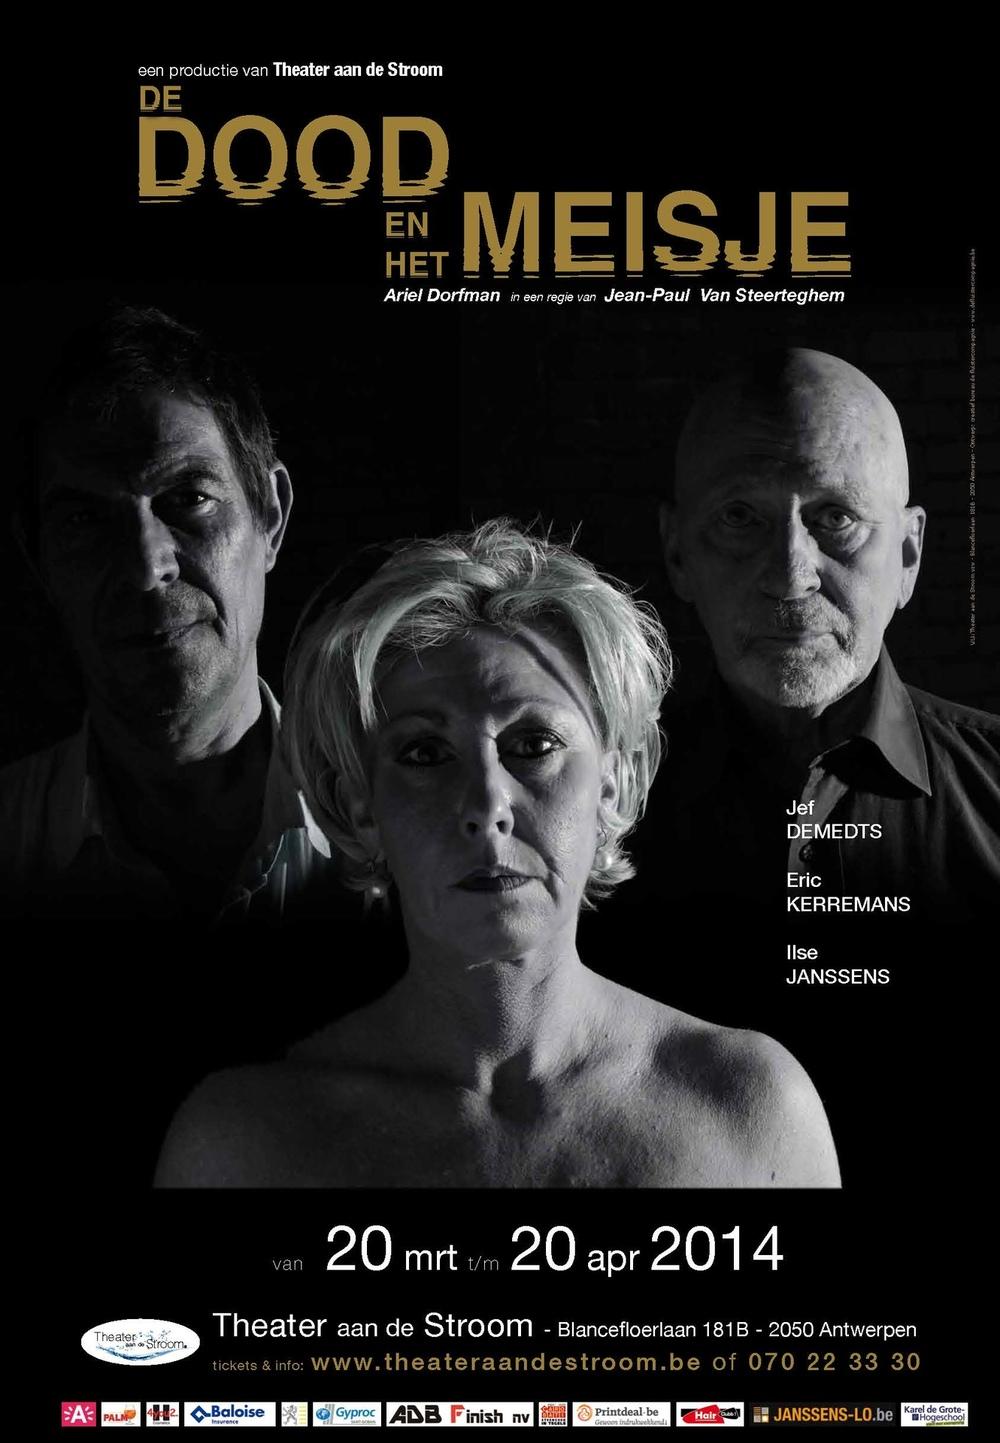 ilse hendrickx - Theatre